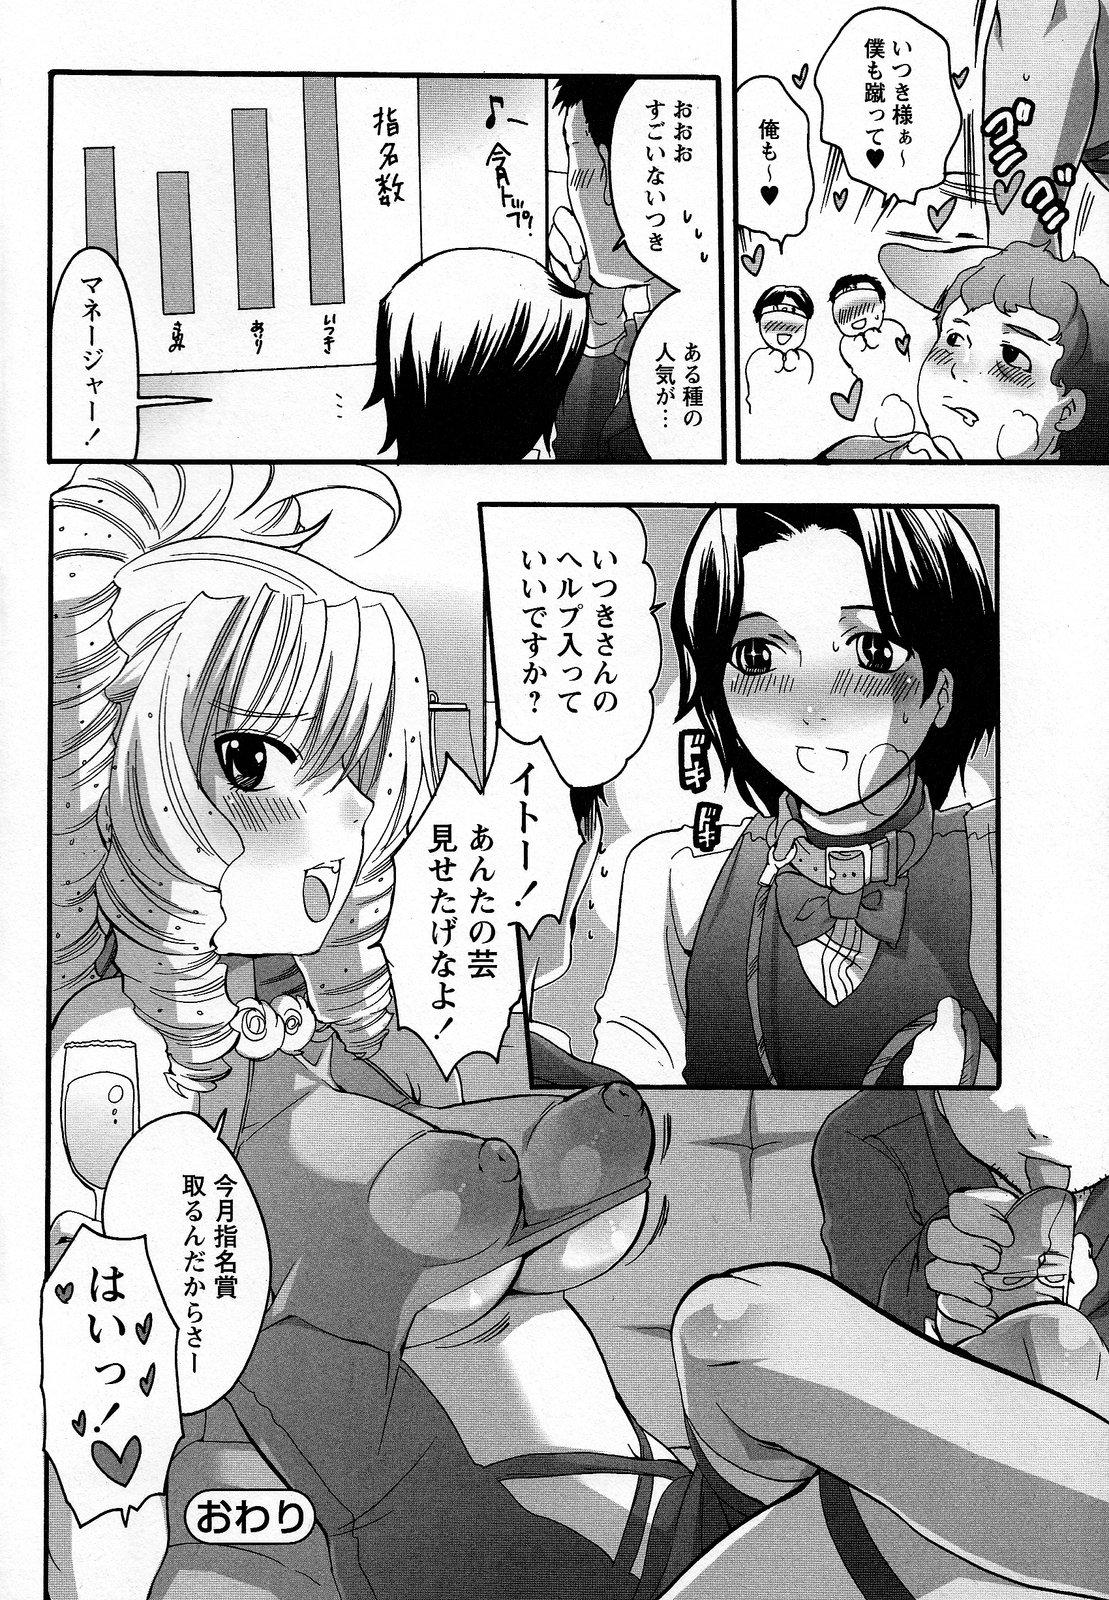 Boku ga Onee-sama no Mesu Dorei ni Narutoki 71